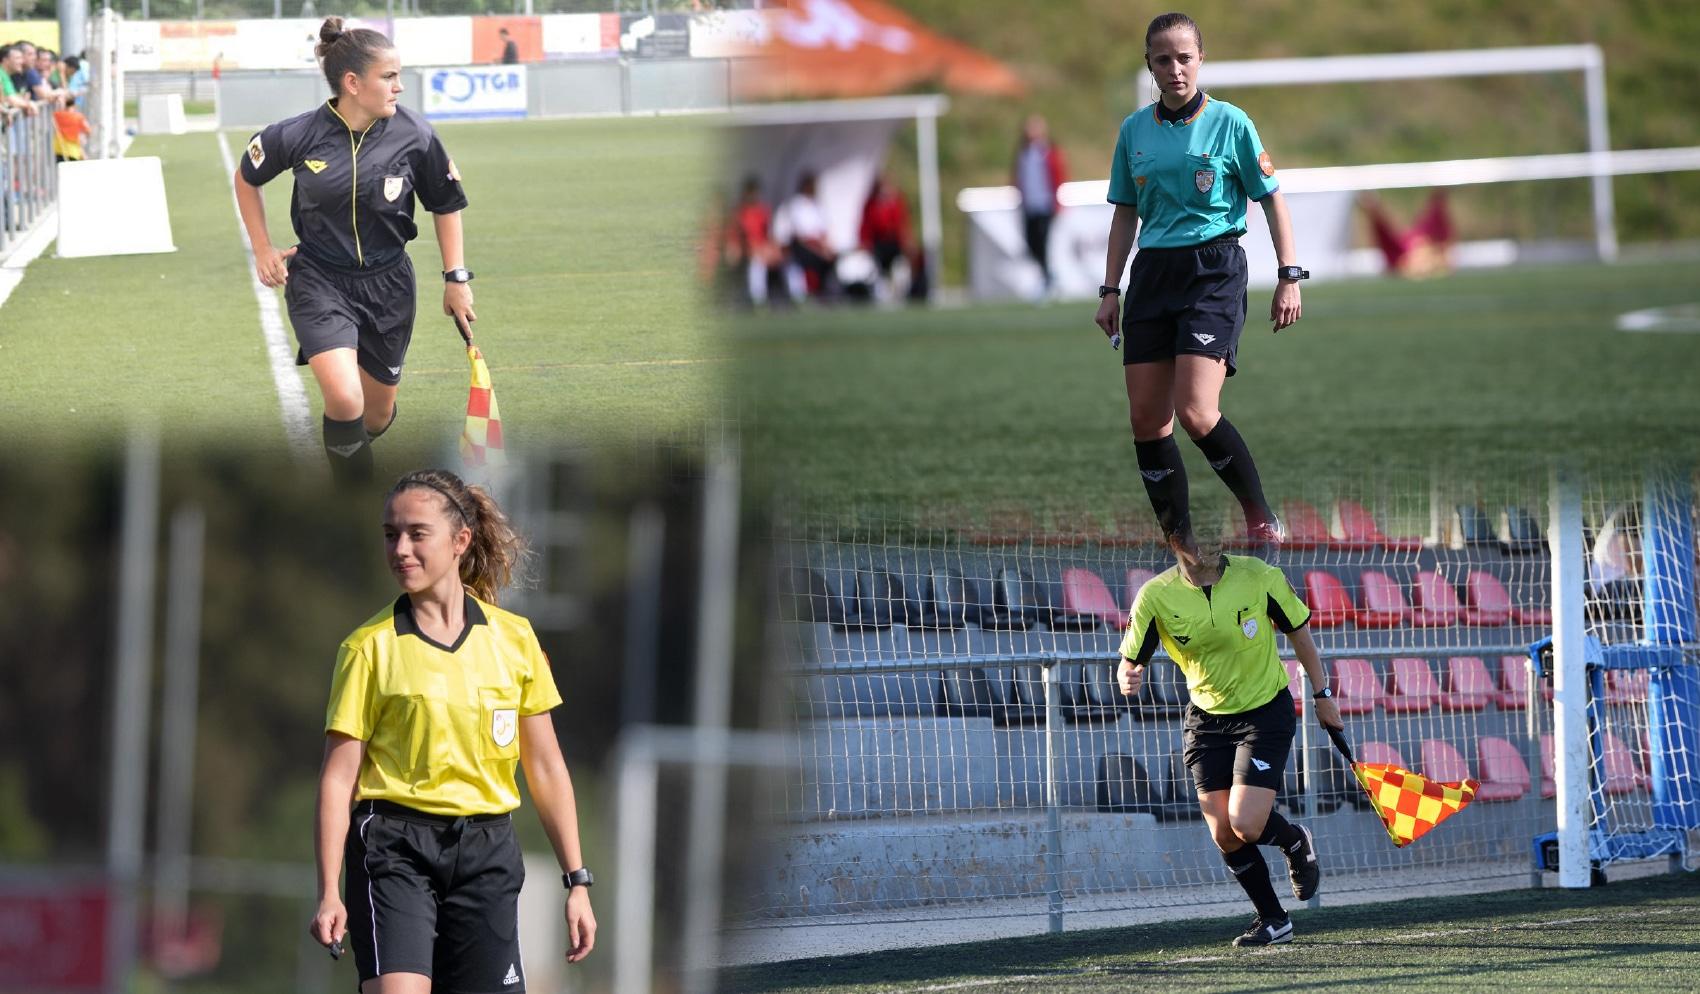 Quatre àrbitres de futbol catalanes, candidates a l'ascens a Primera Iberdrola 5